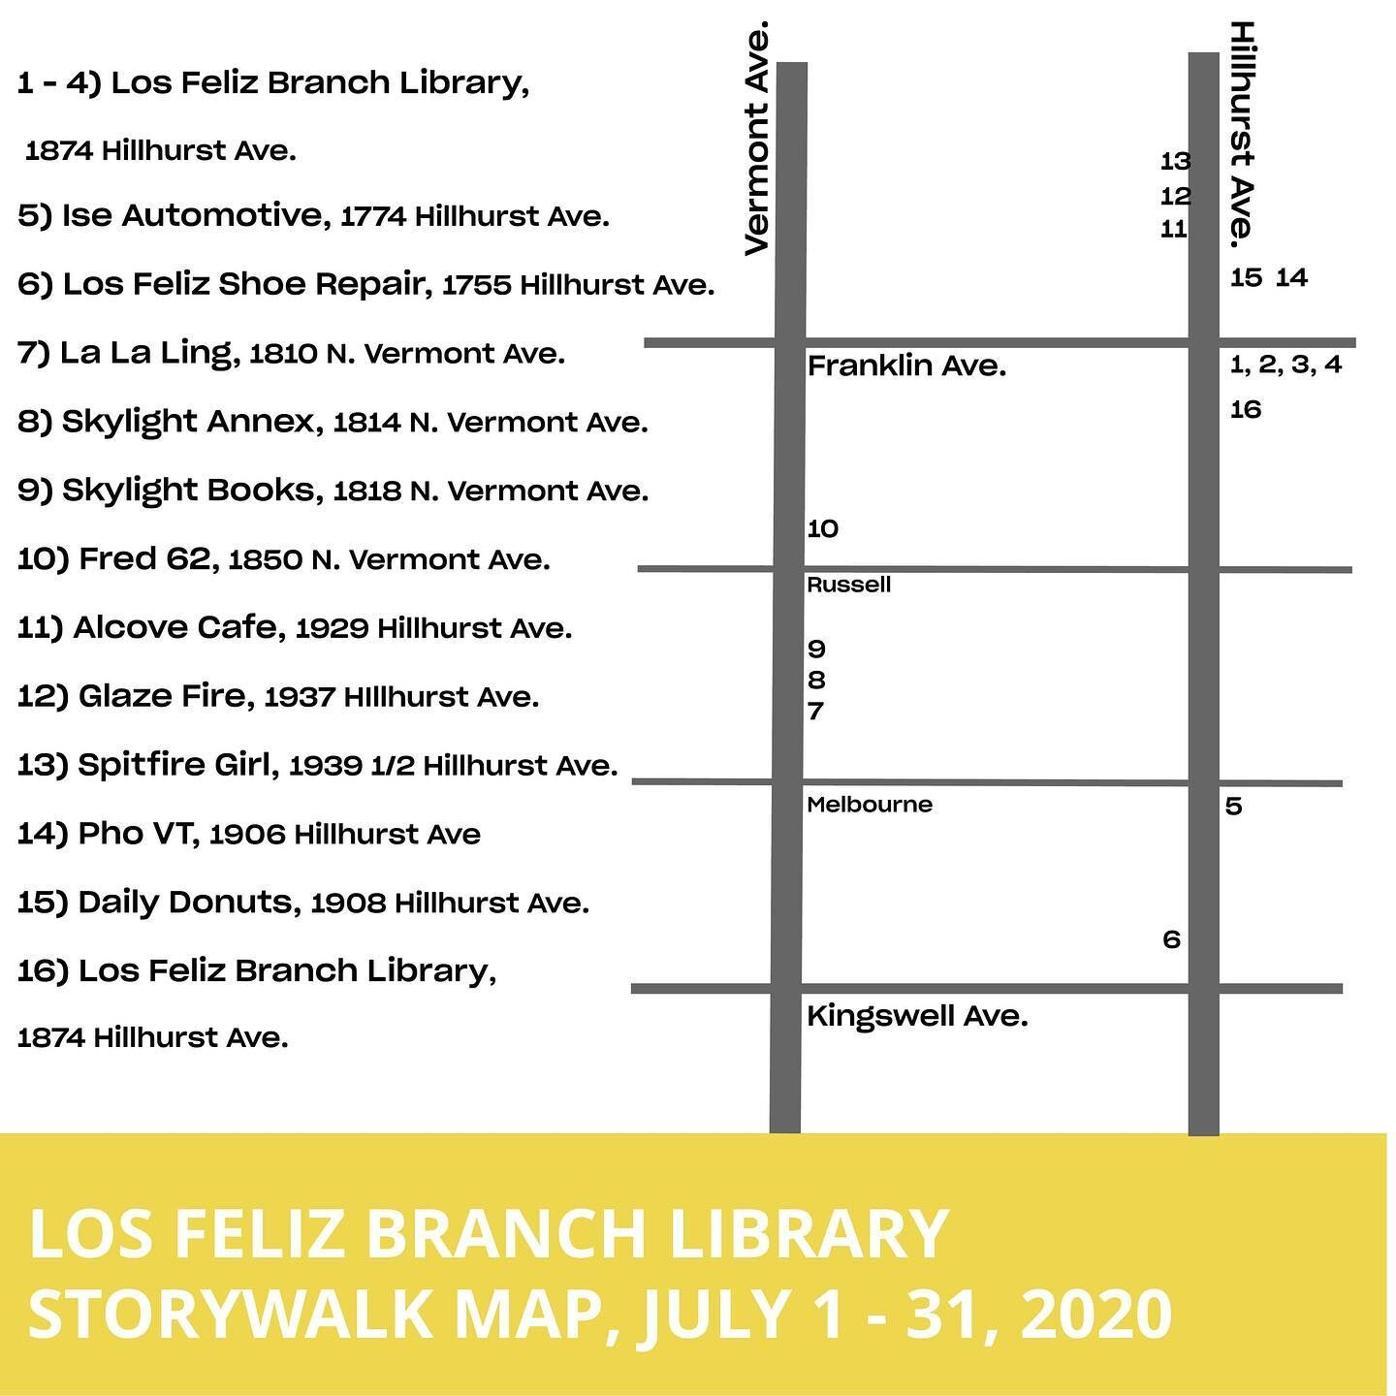 Los Feliz Branch Library Storywalk Map